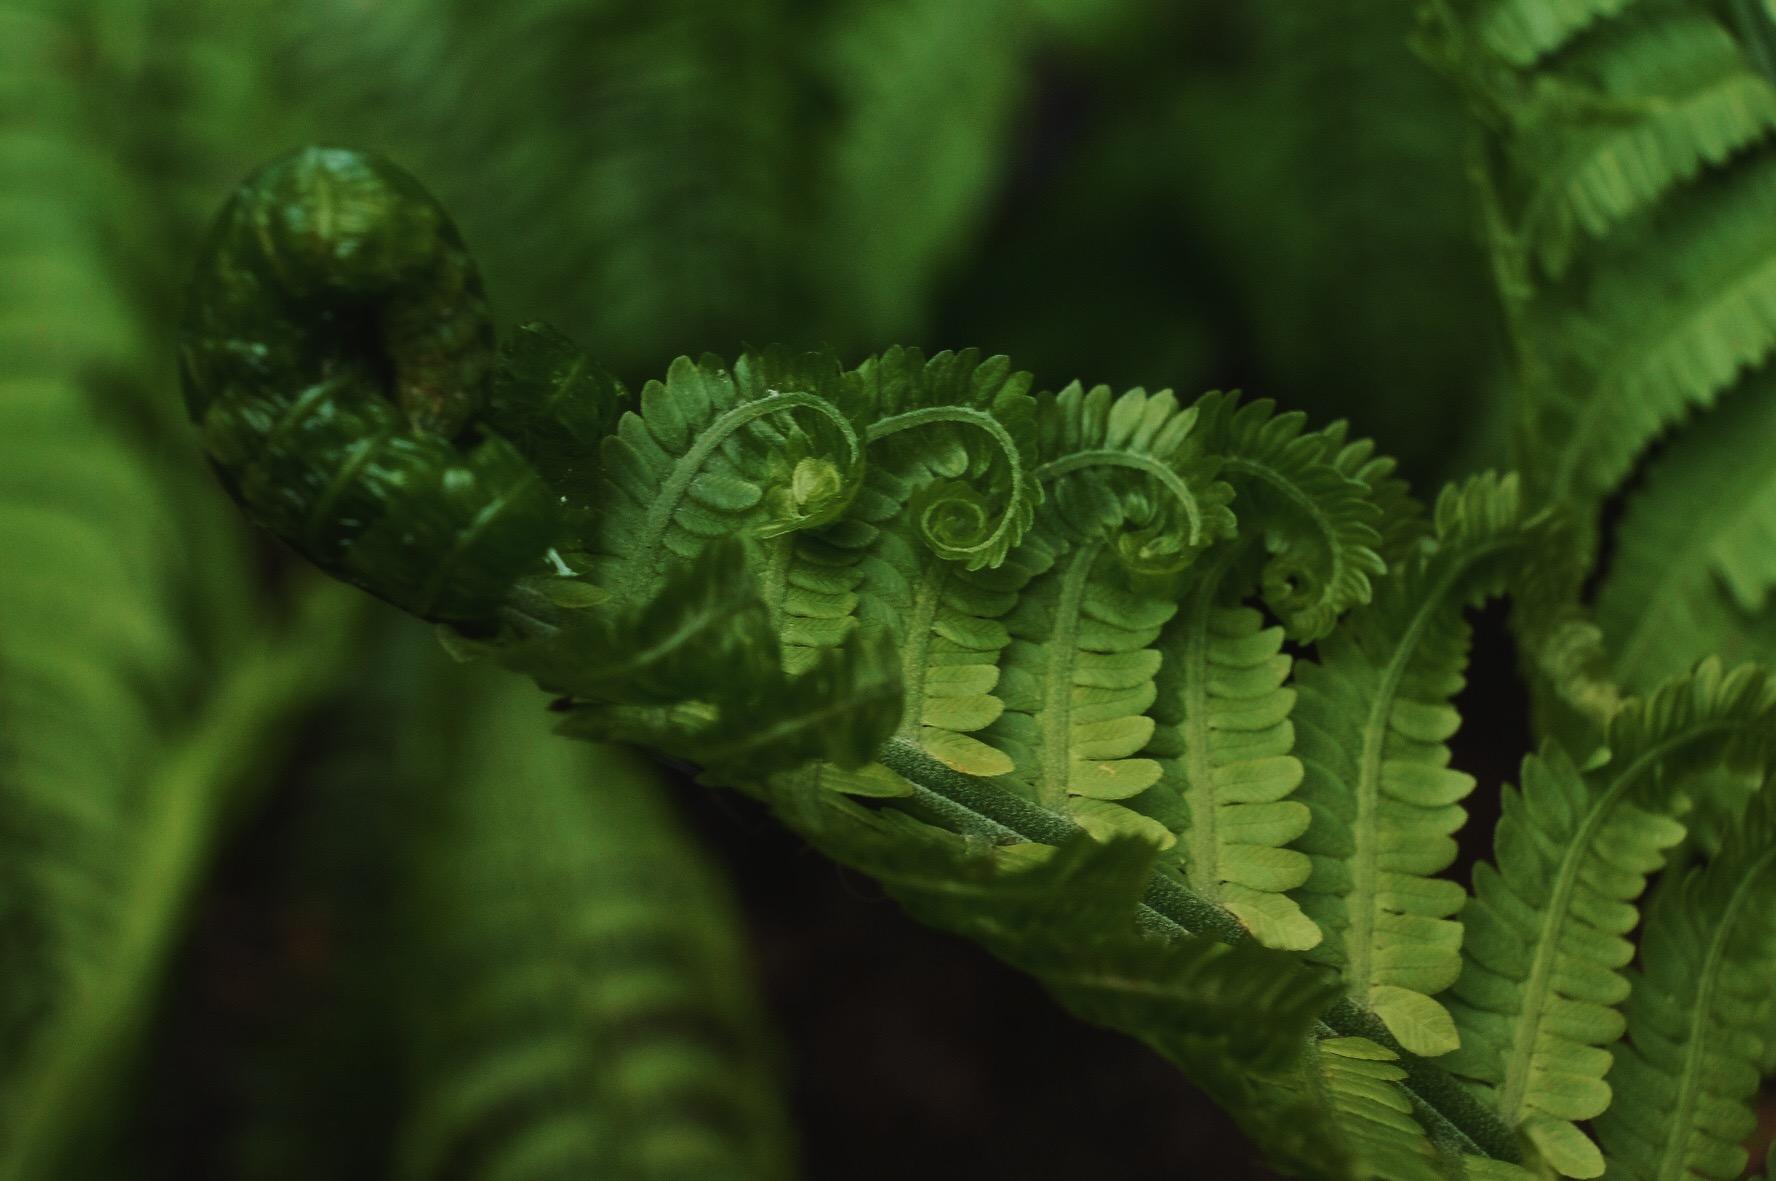 anna a  snook  u2013 writer  photographer  naturalist